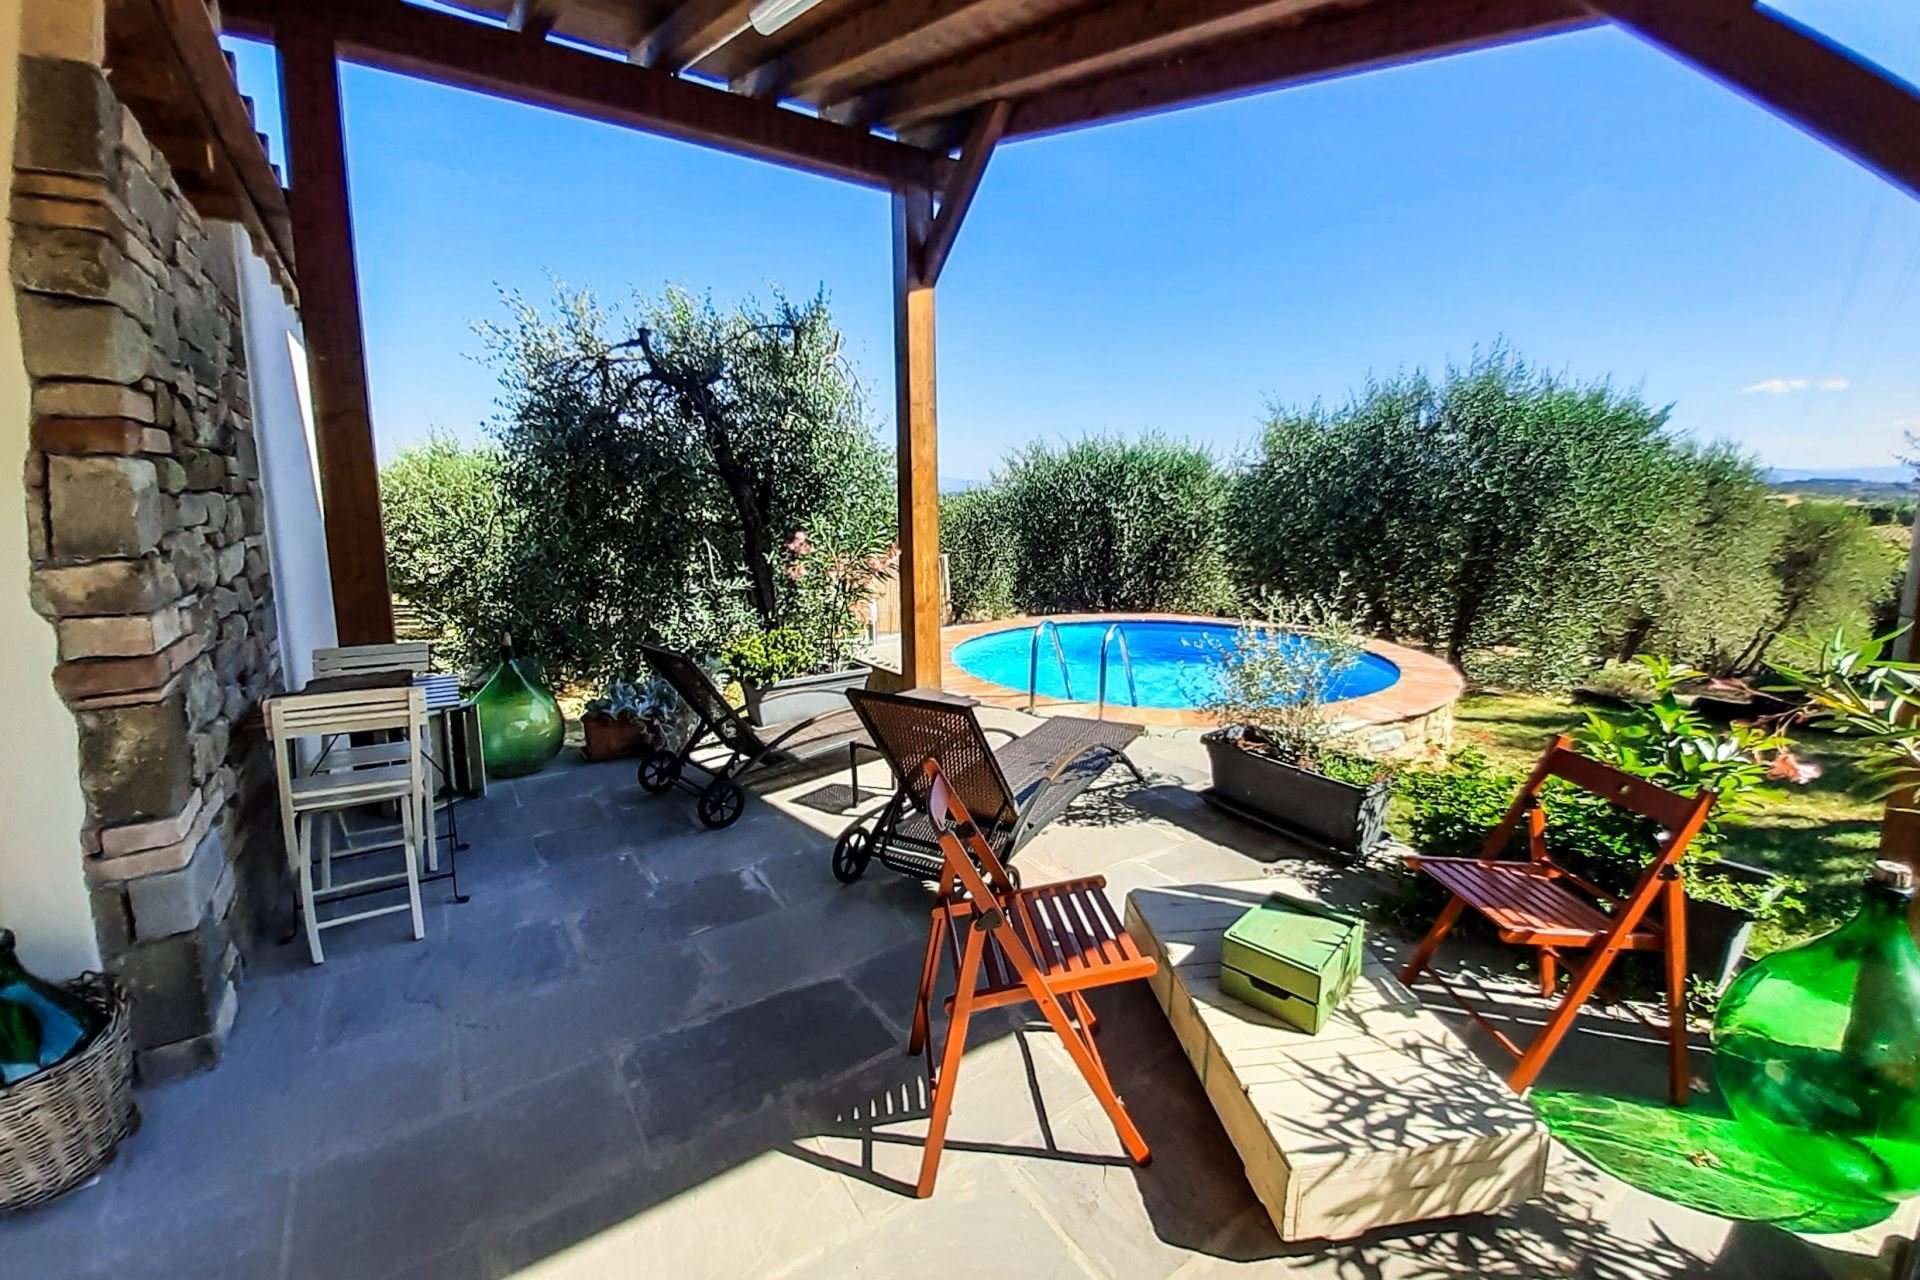 selva degli ulivi - ligstoelen en zitje bij zwembad